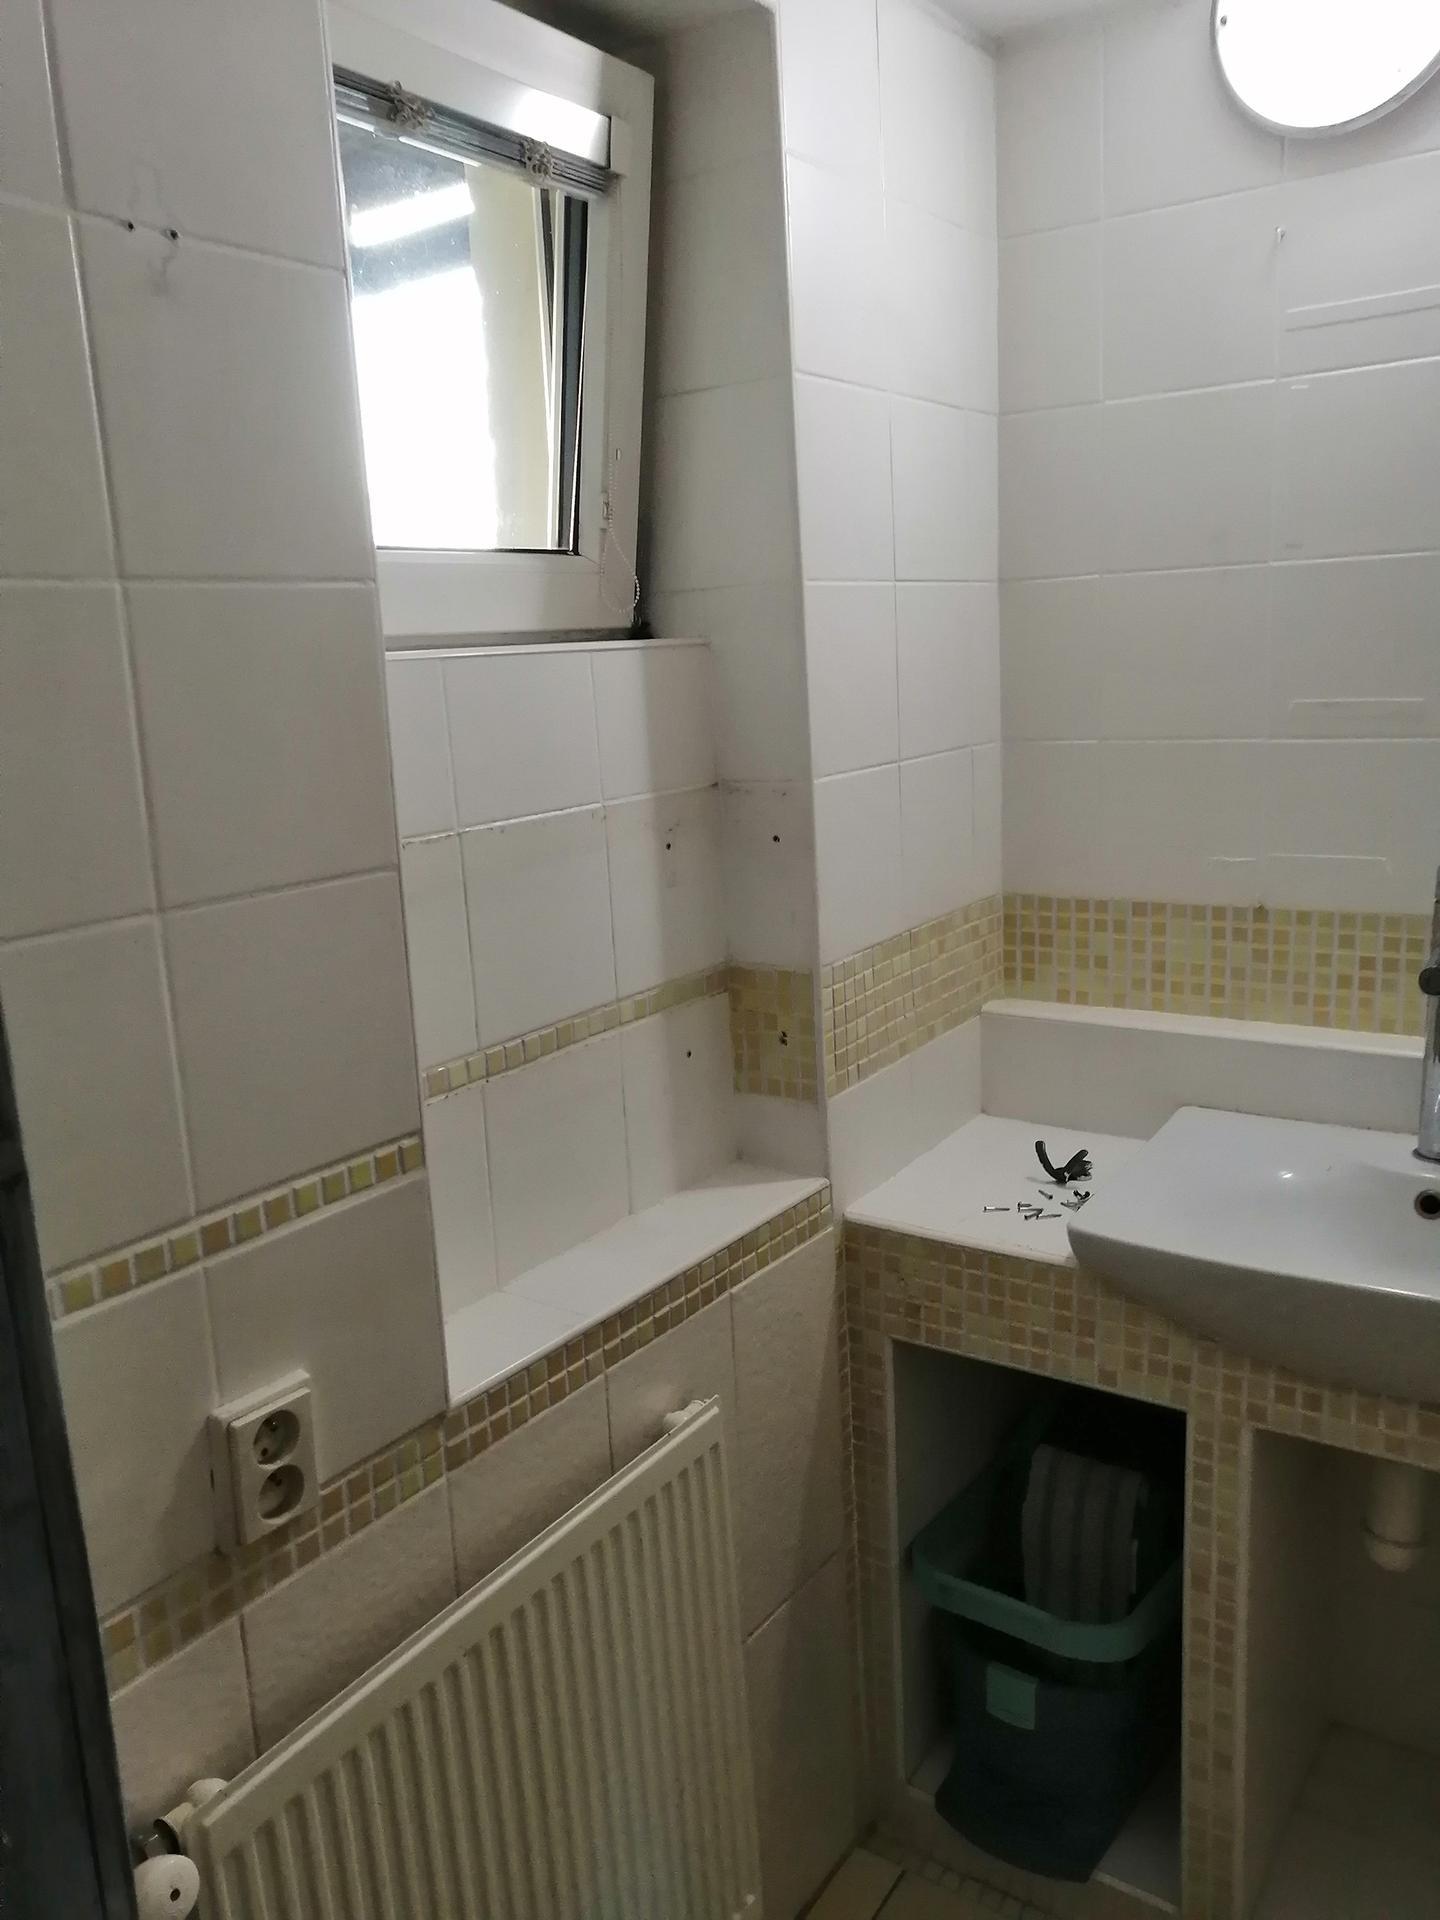 Rekonstrukce koupelny - Obrázek č. 6